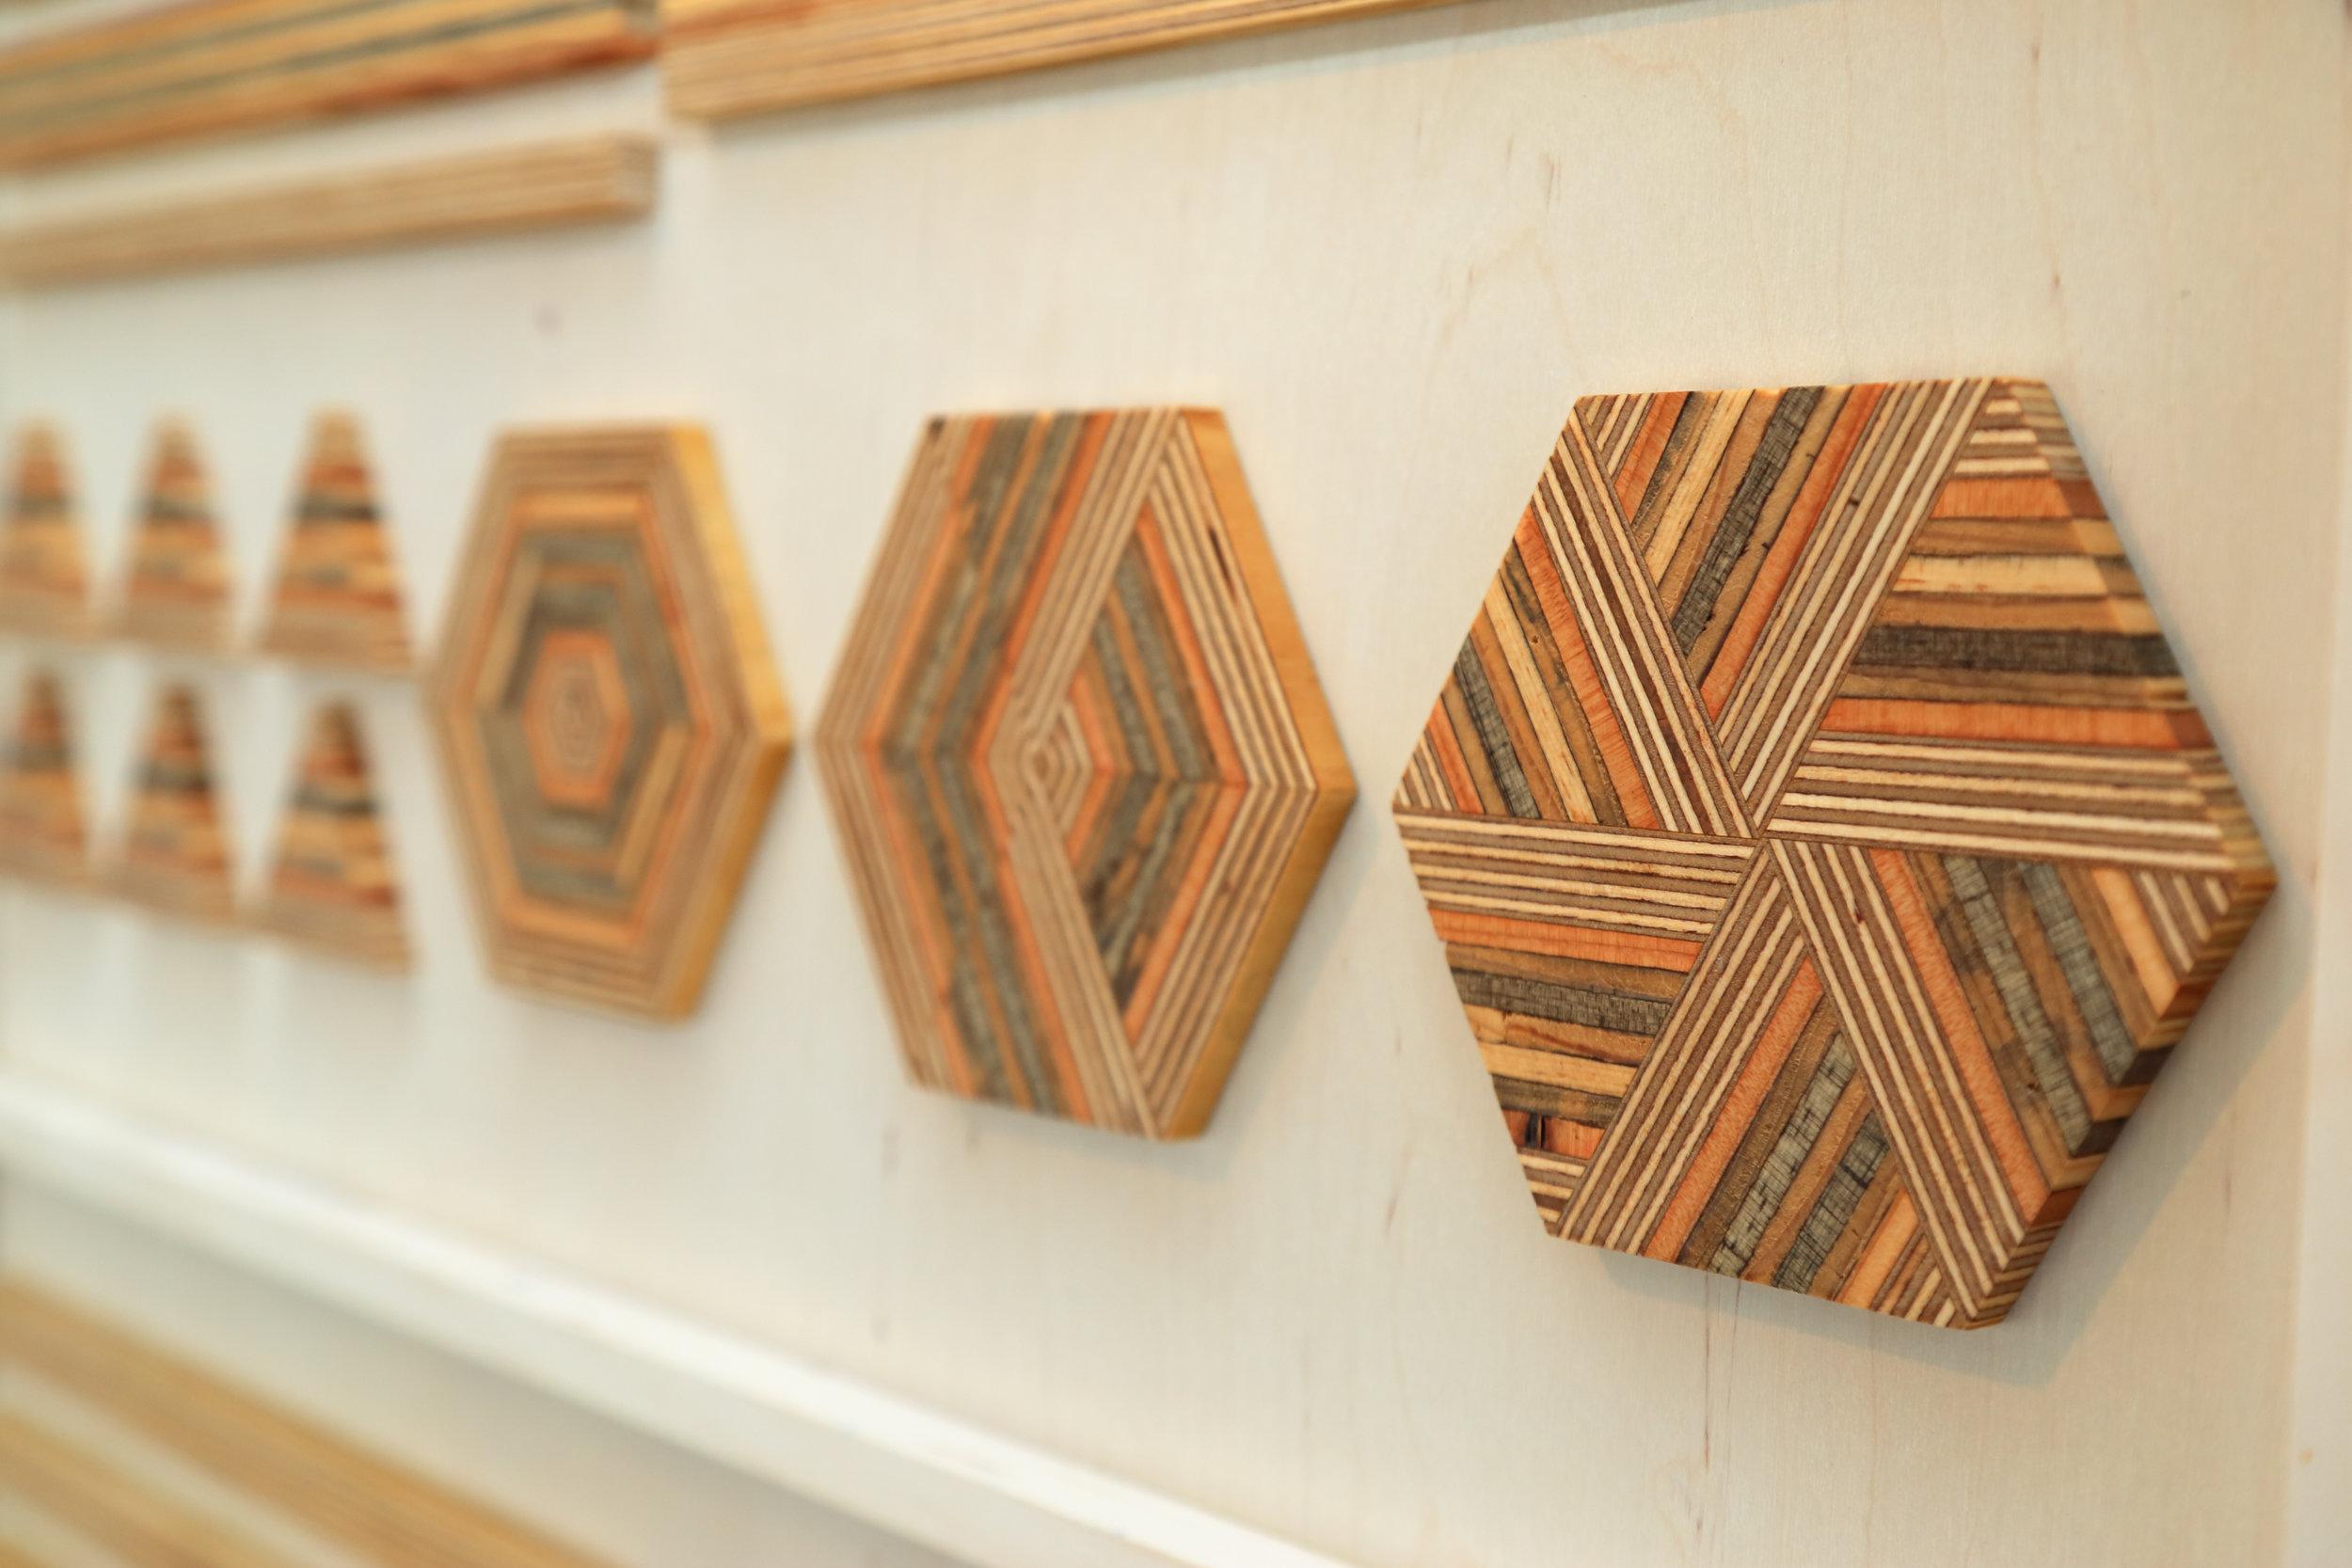 Wooden hex tiles